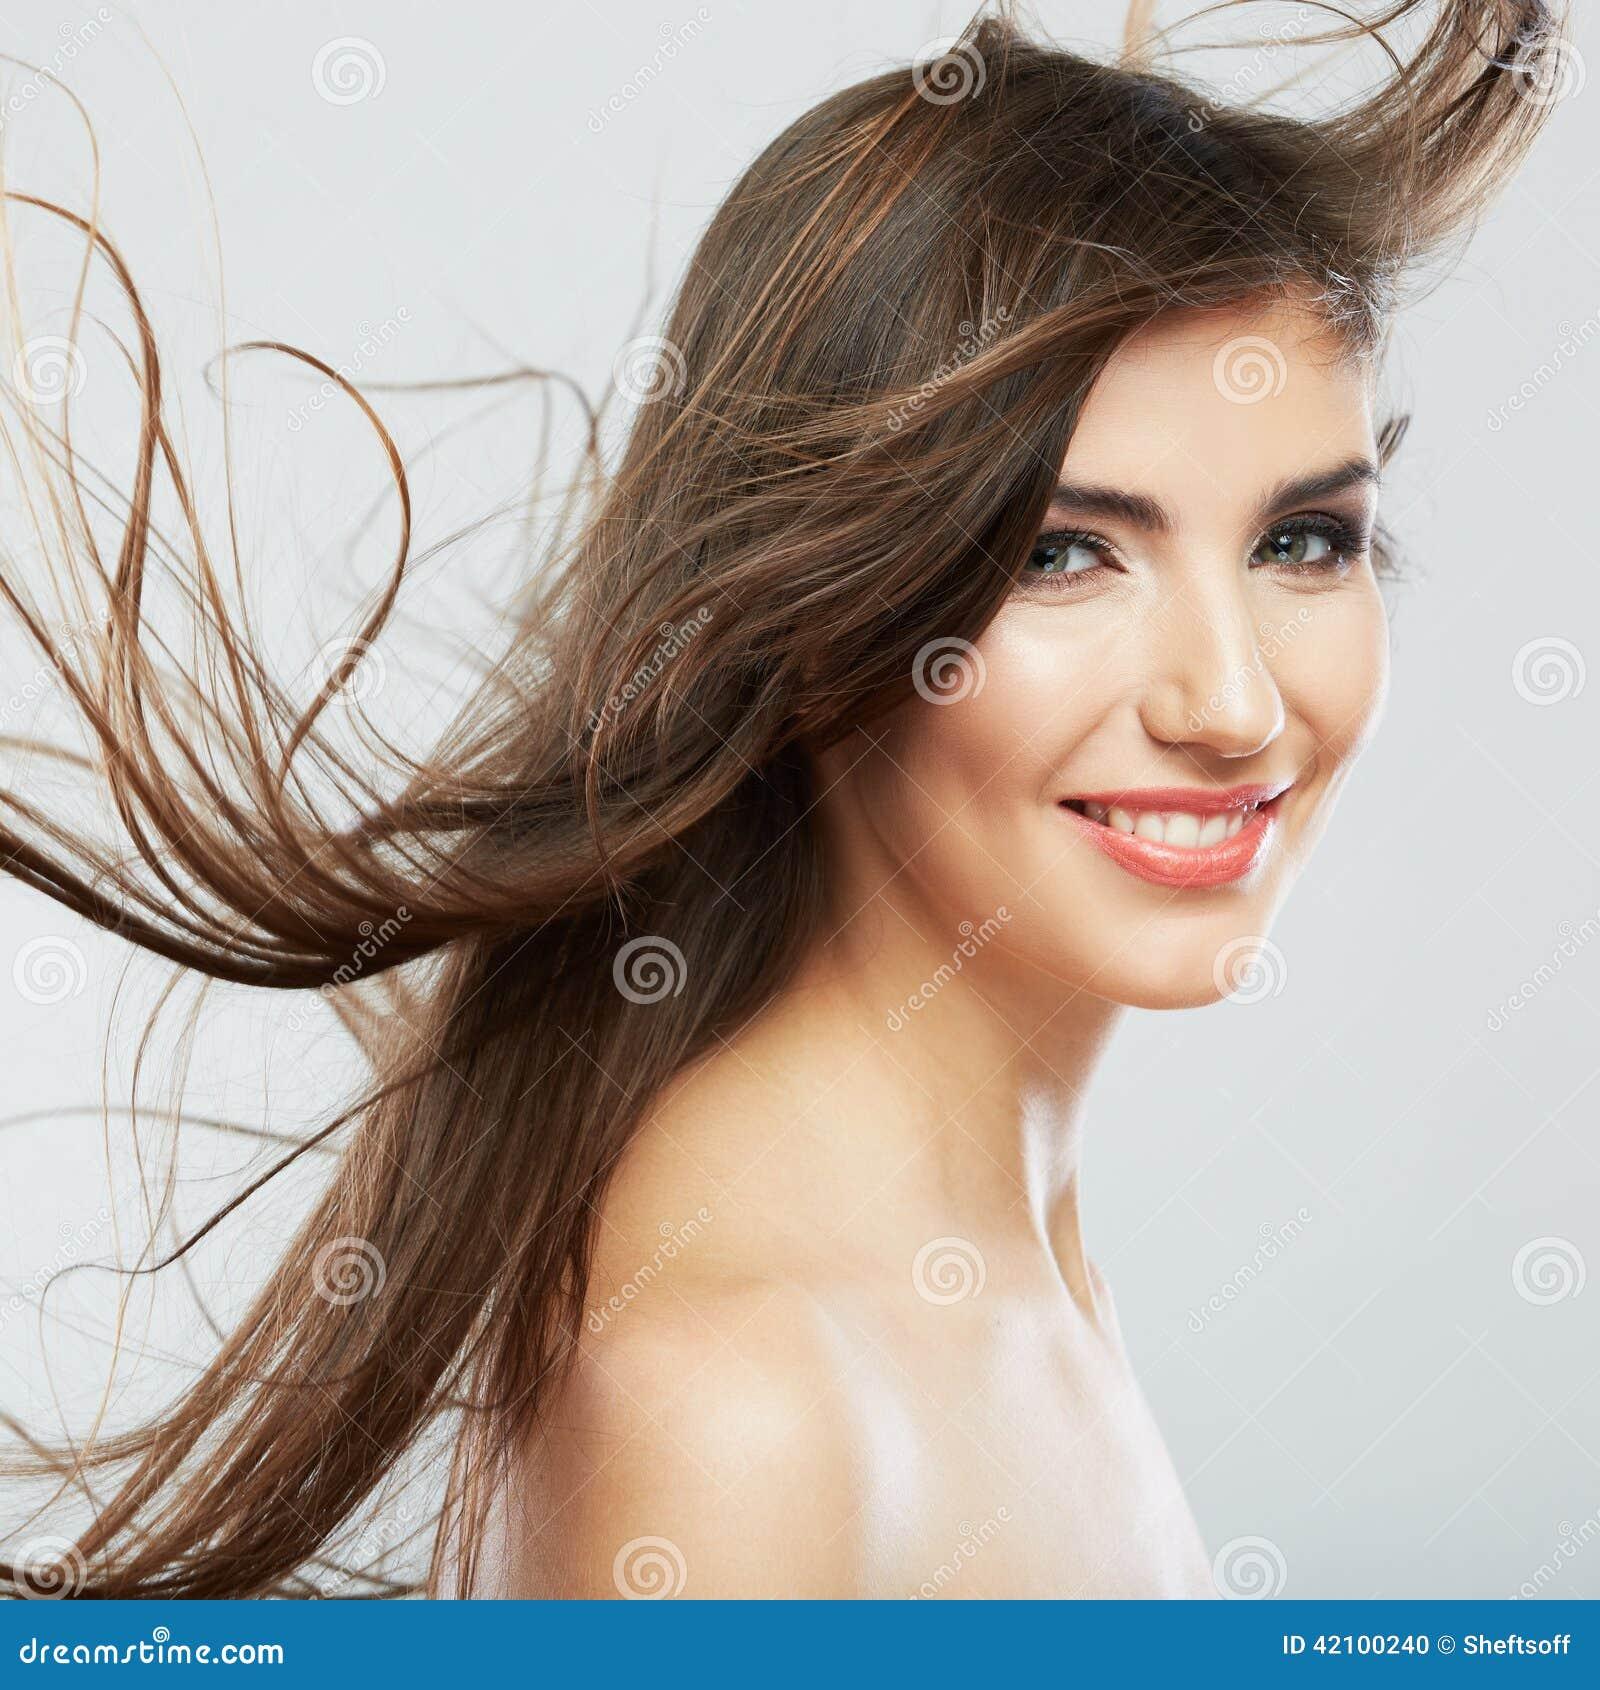 与头发行动的妇女面孔在白色背景隔绝了紧密画象.图片